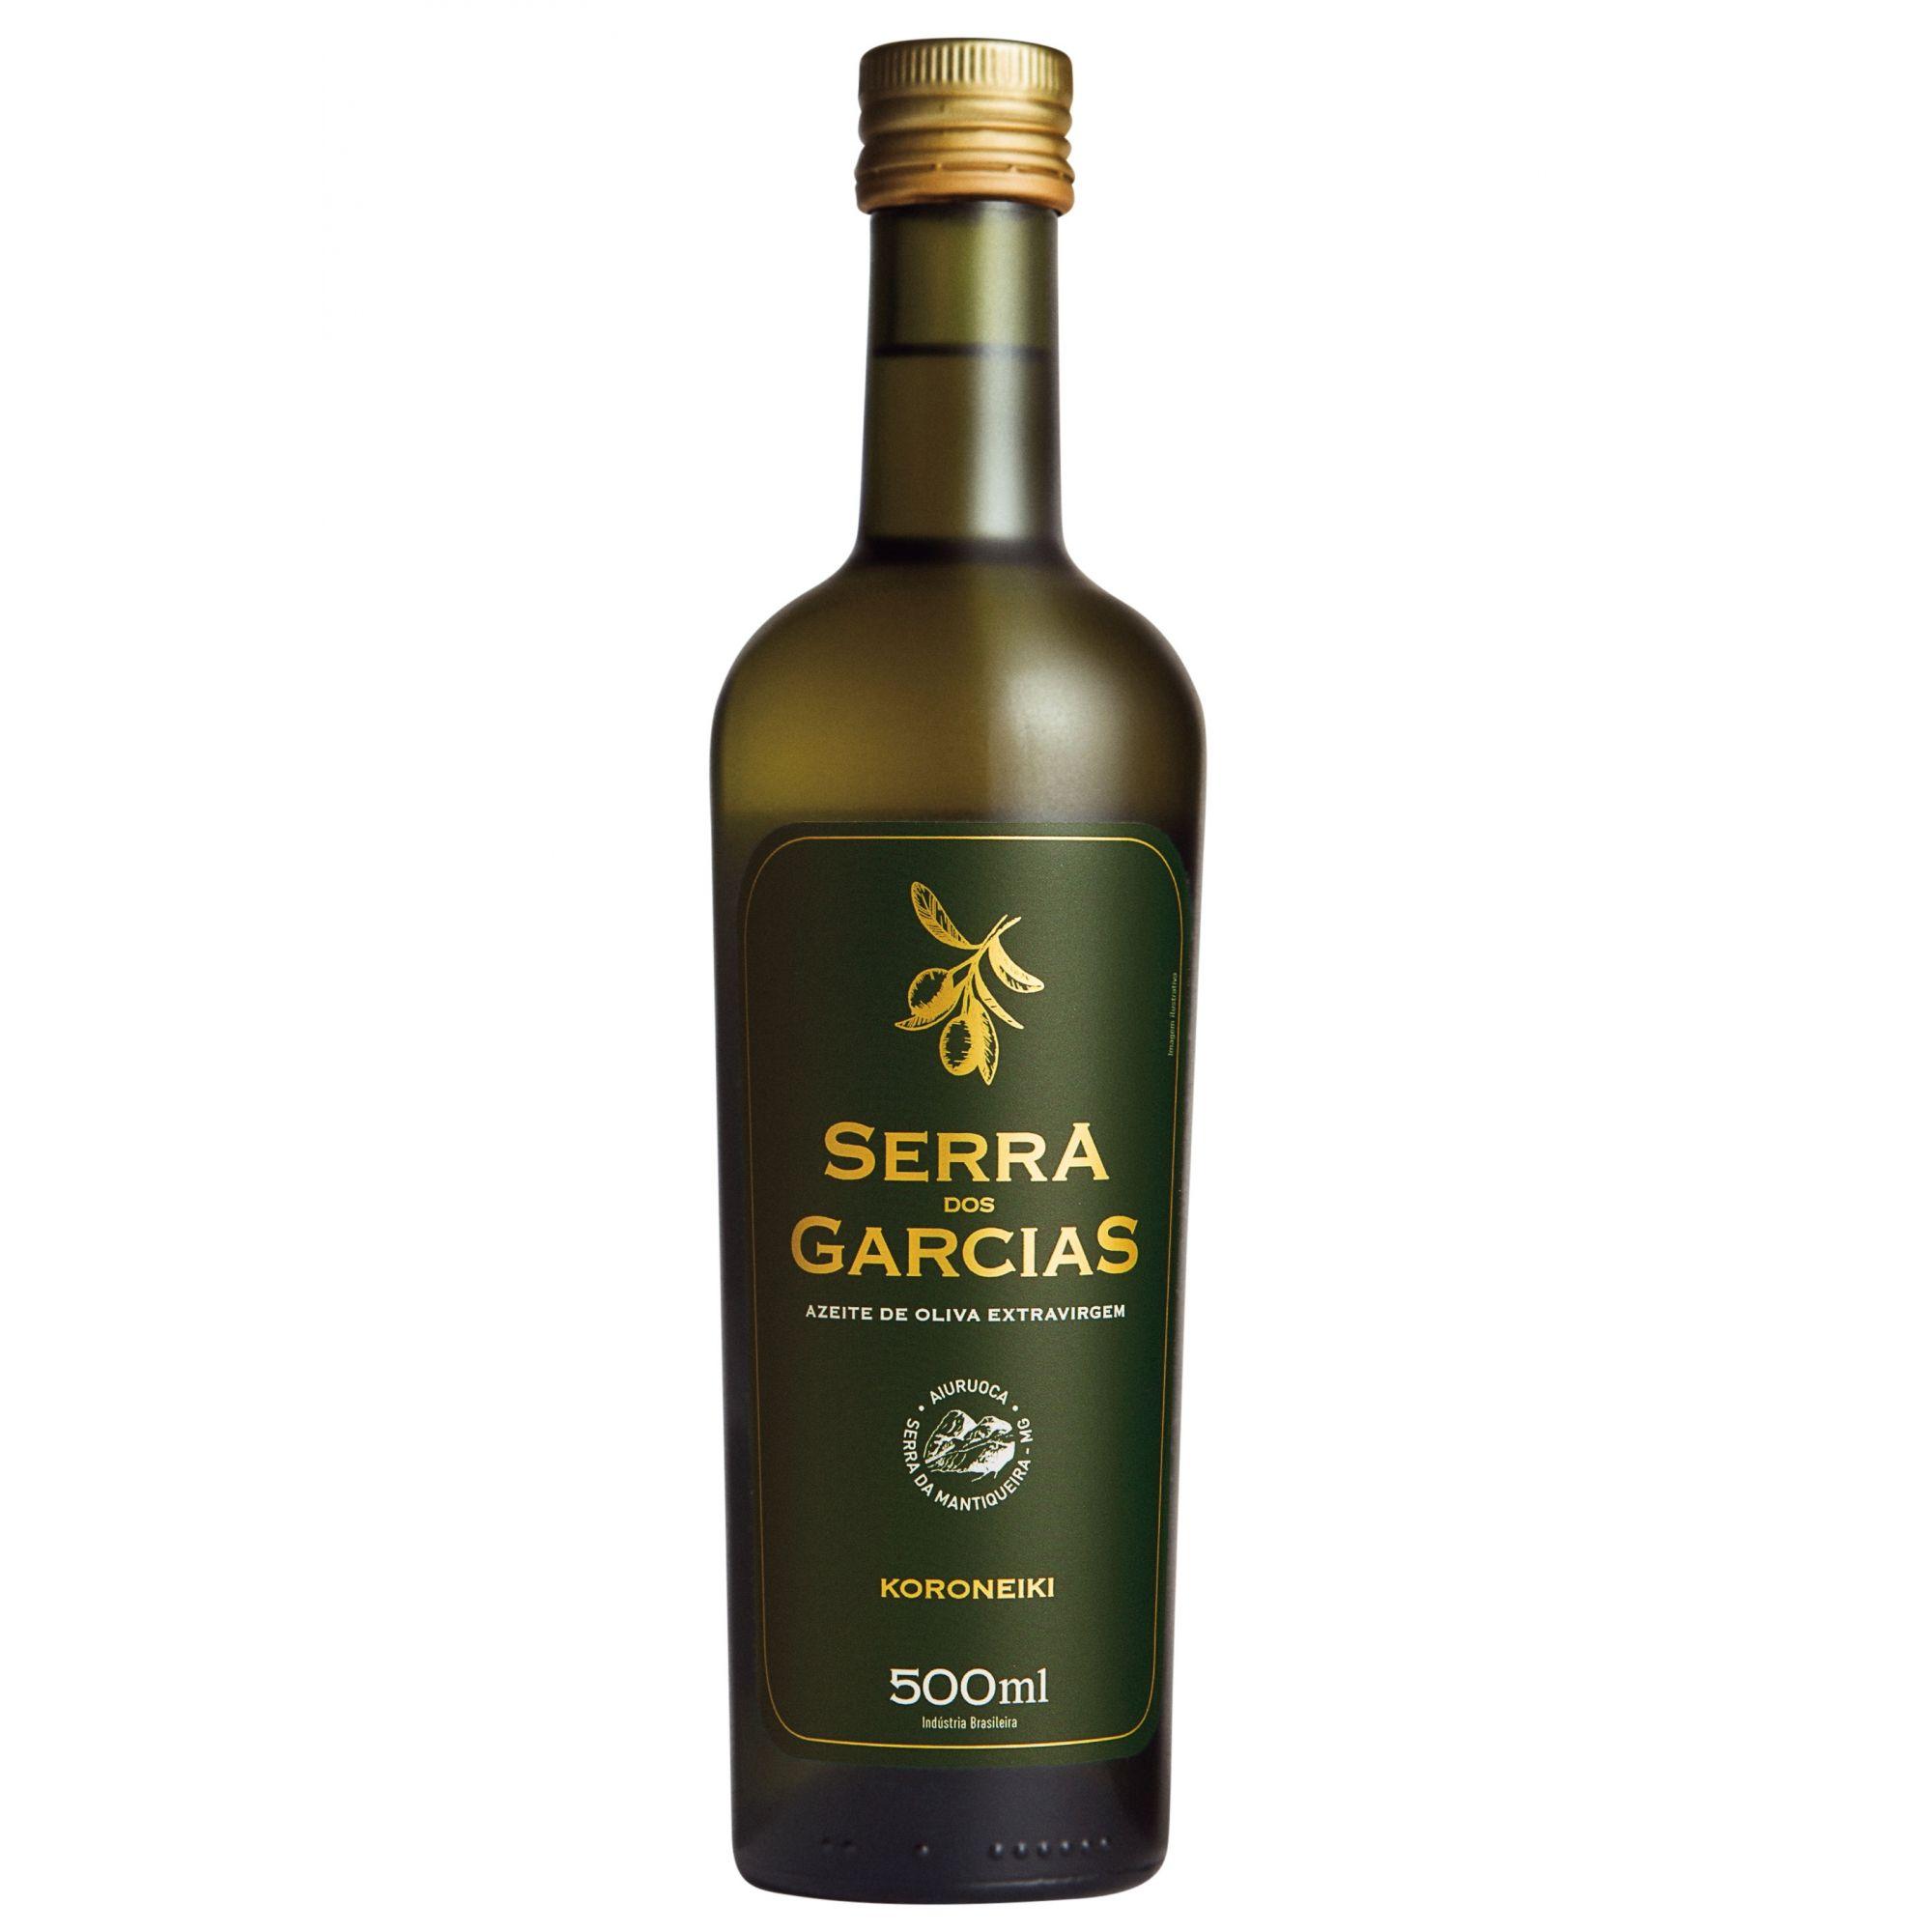 SAFRA 2021 - KORONEIKI- 500 ml Azeite com notas de frutas verdes e ervas frescas, com toques claramente florais, mais percebidos em boca, no retrogosto.  - Azeite Serra dos Garcias